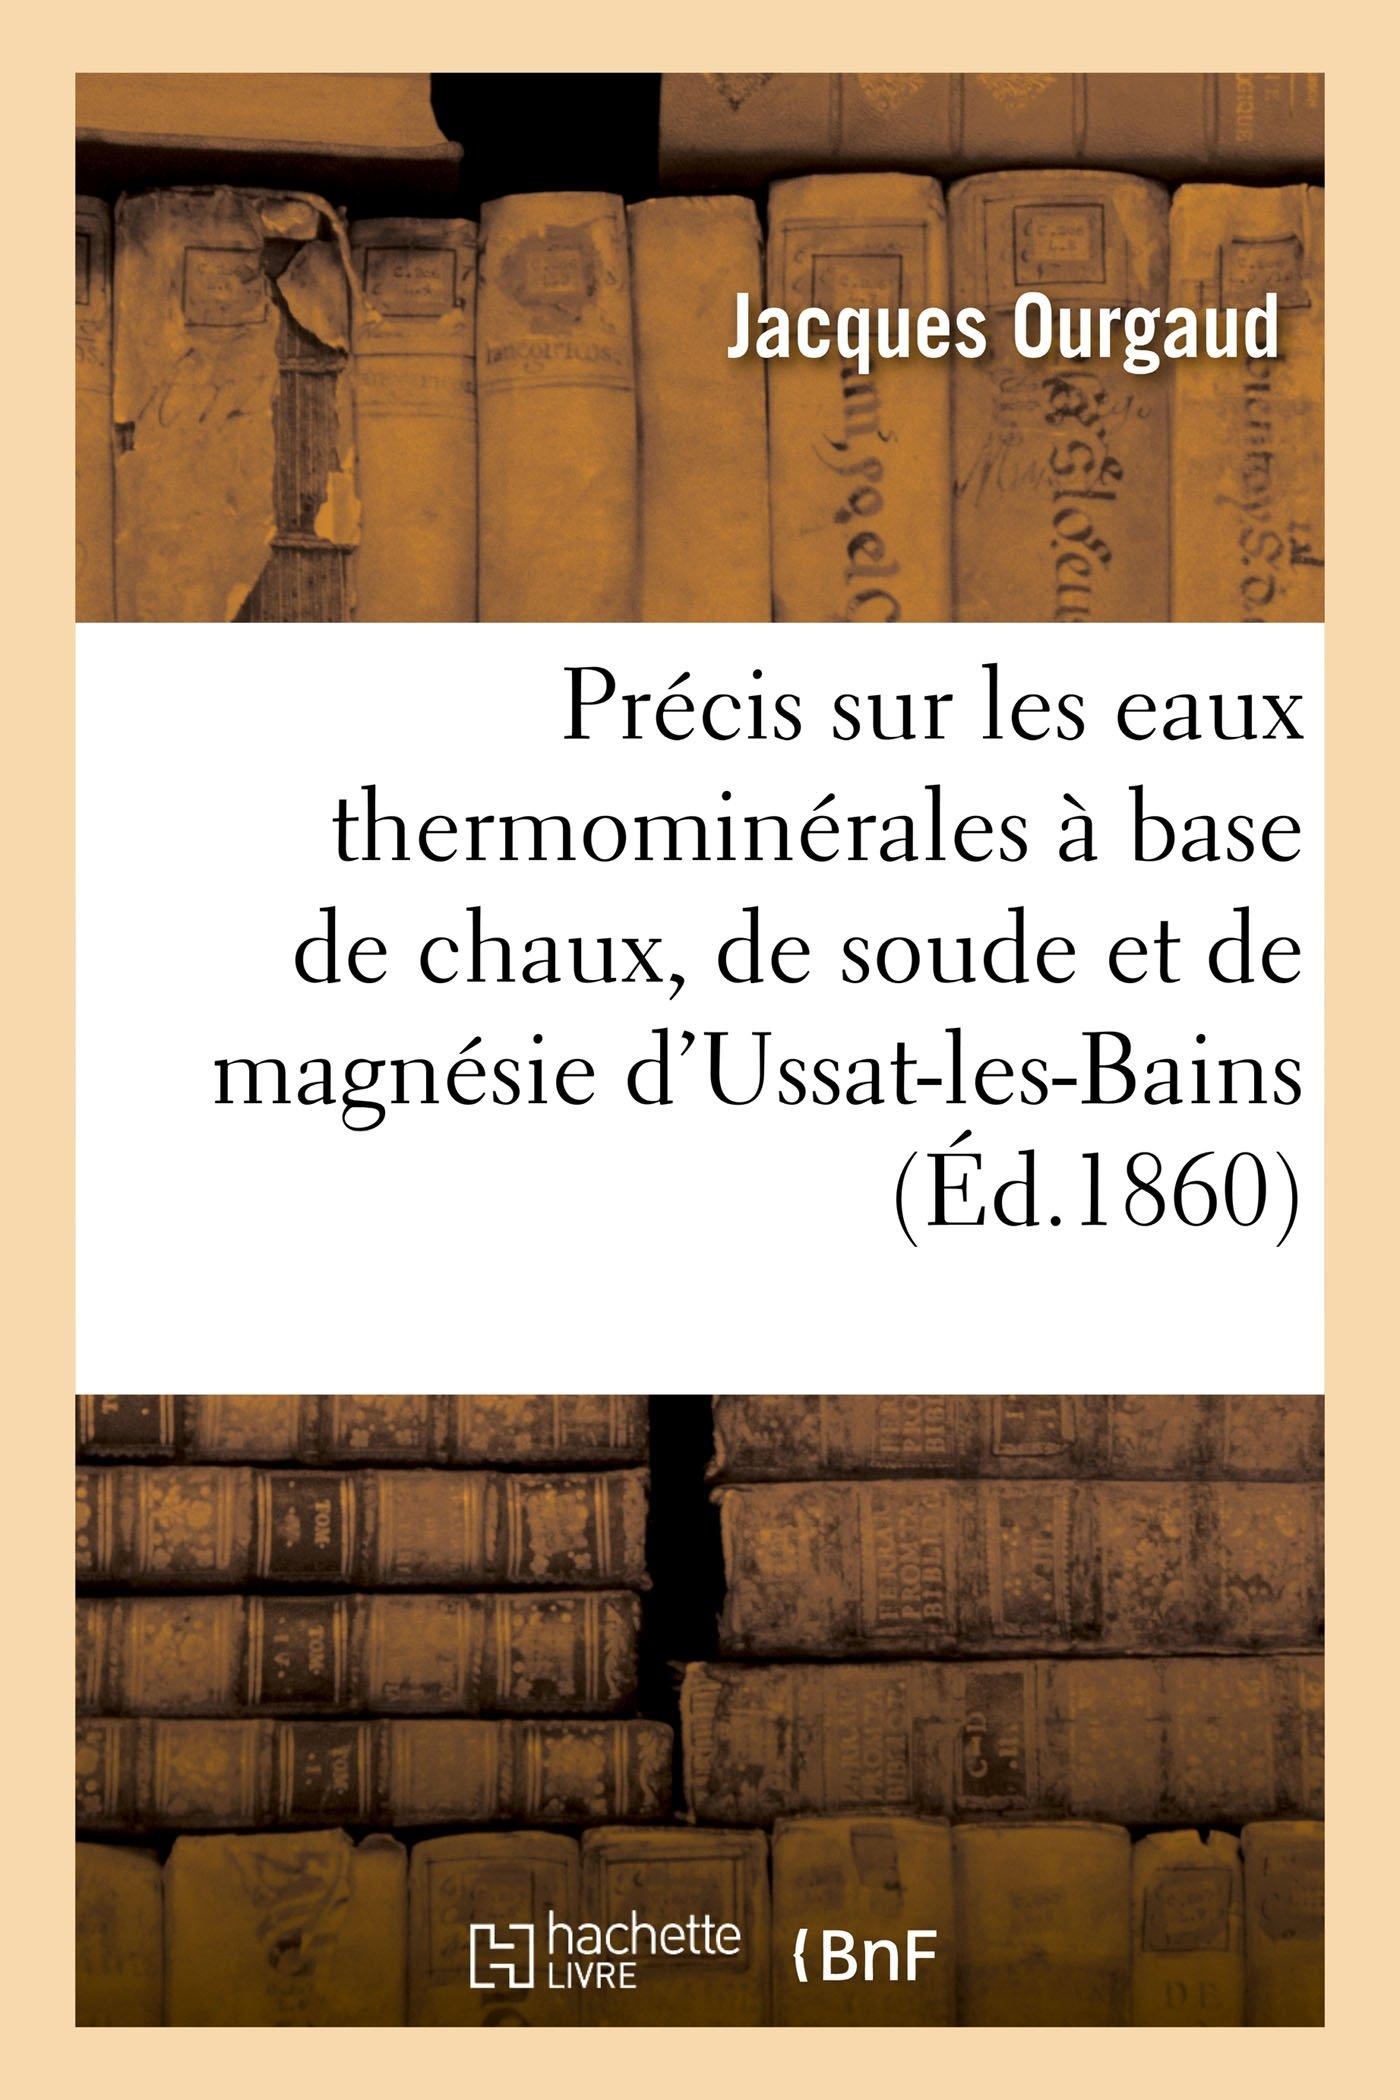 Précis sur les eaux thermominérales à base de chaux, de soude de magnésie dUssat-les-Bains Ariège Sciences: Amazon.es: OURGAUD-J: Libros en idiomas ...